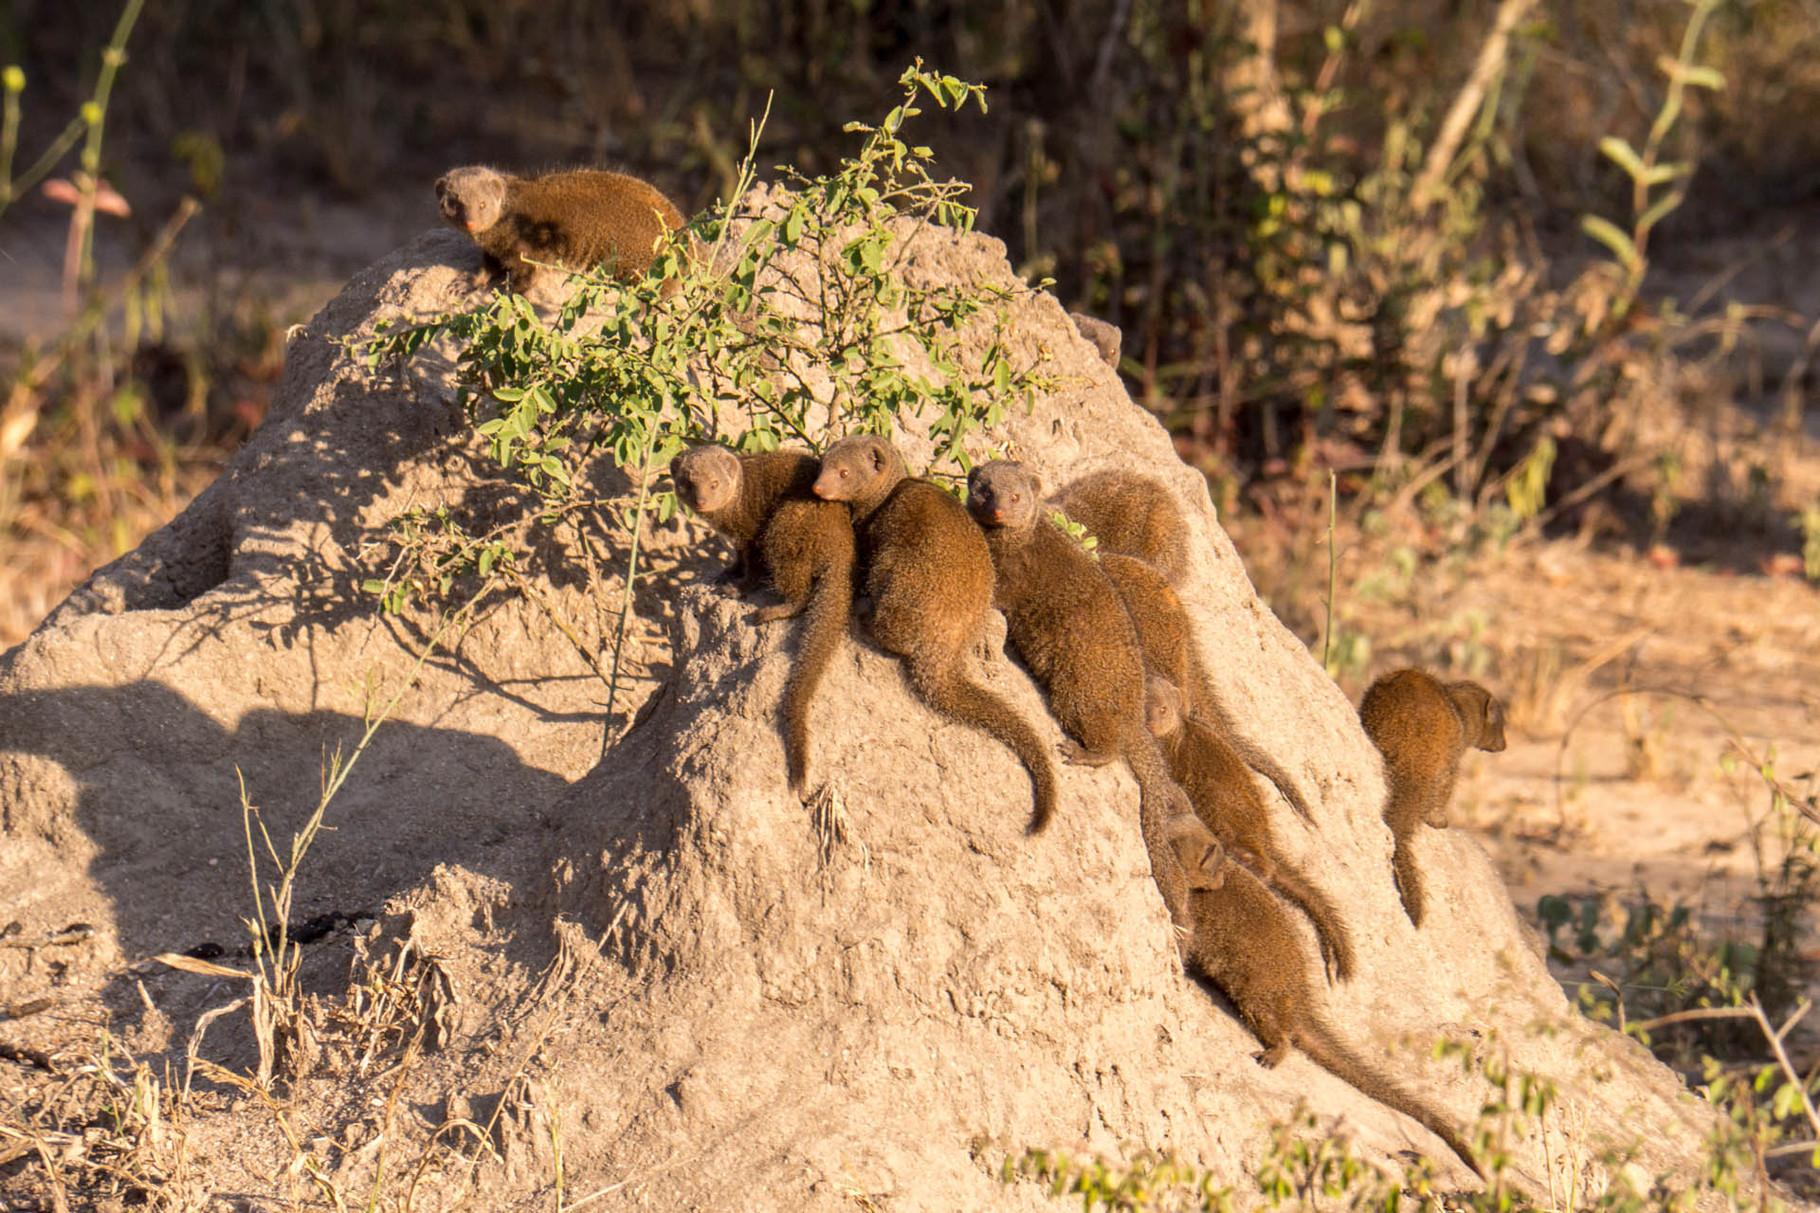 [Kruger Park, South Africa, 2015]